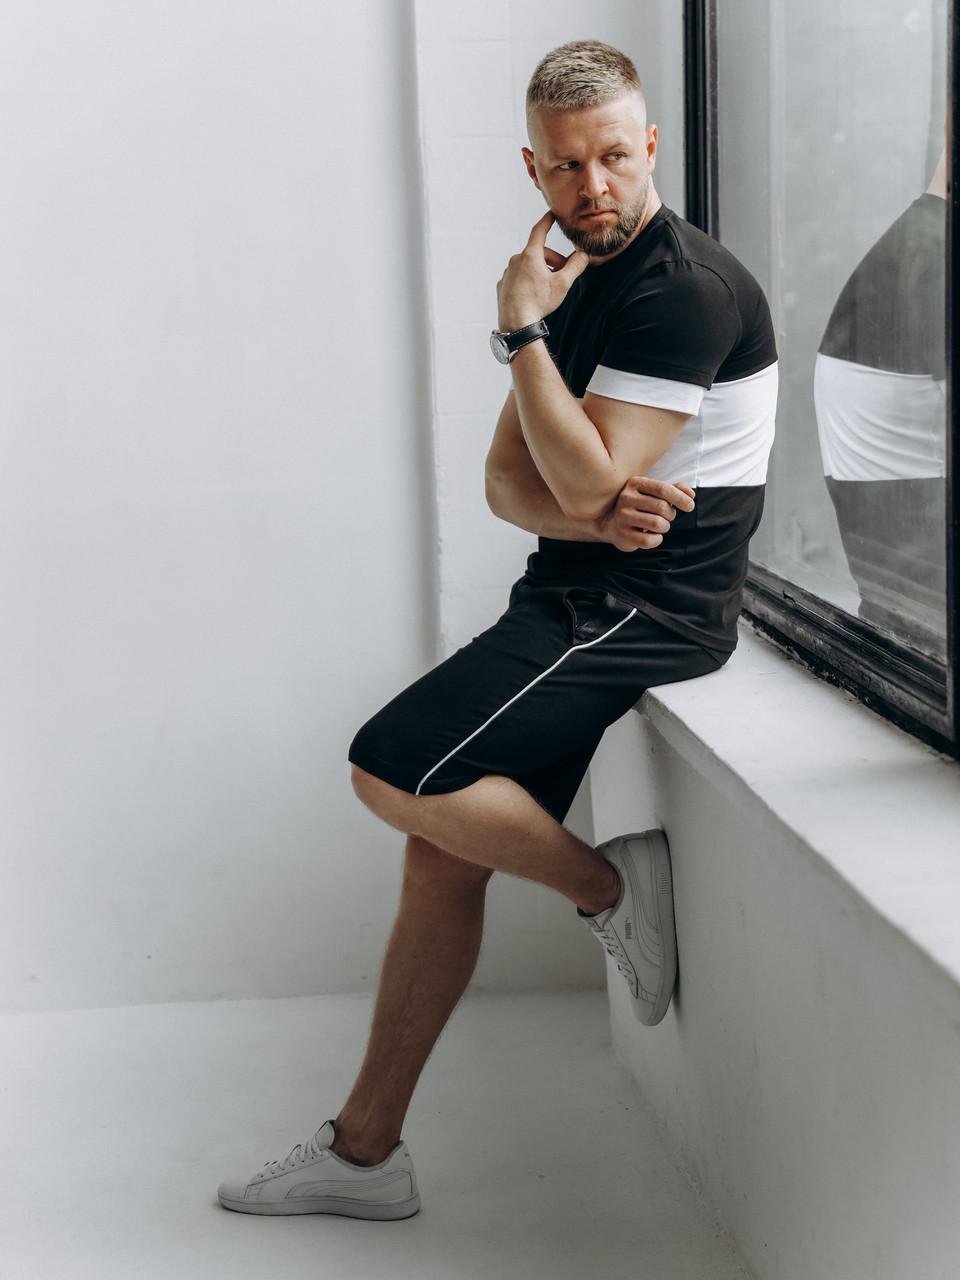 Чоловічий спортивний костюм (футболка і шорти)   Літній чоловічий спортивний костюм шорти і футболка